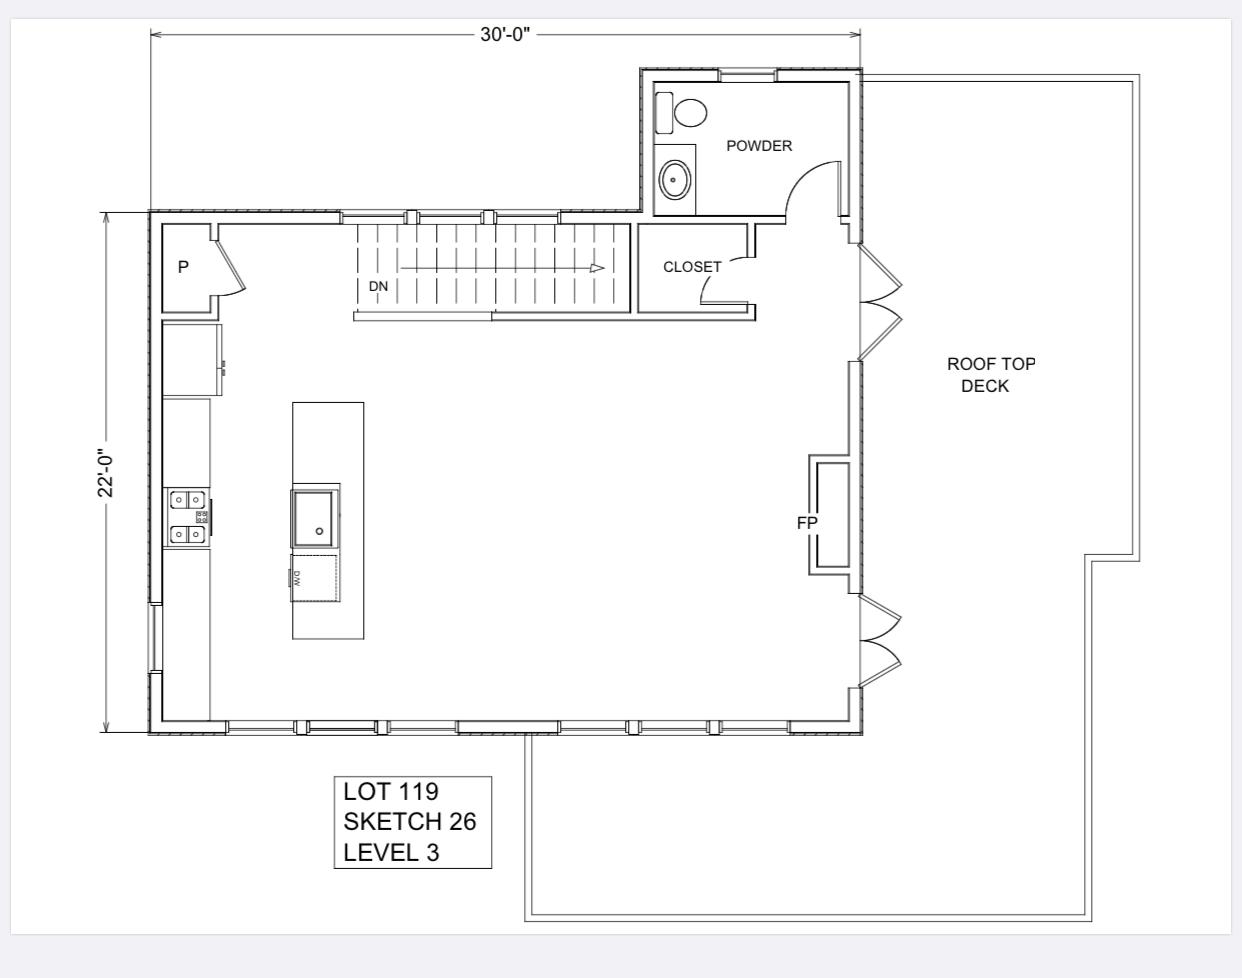 Lot 119 - Level 3